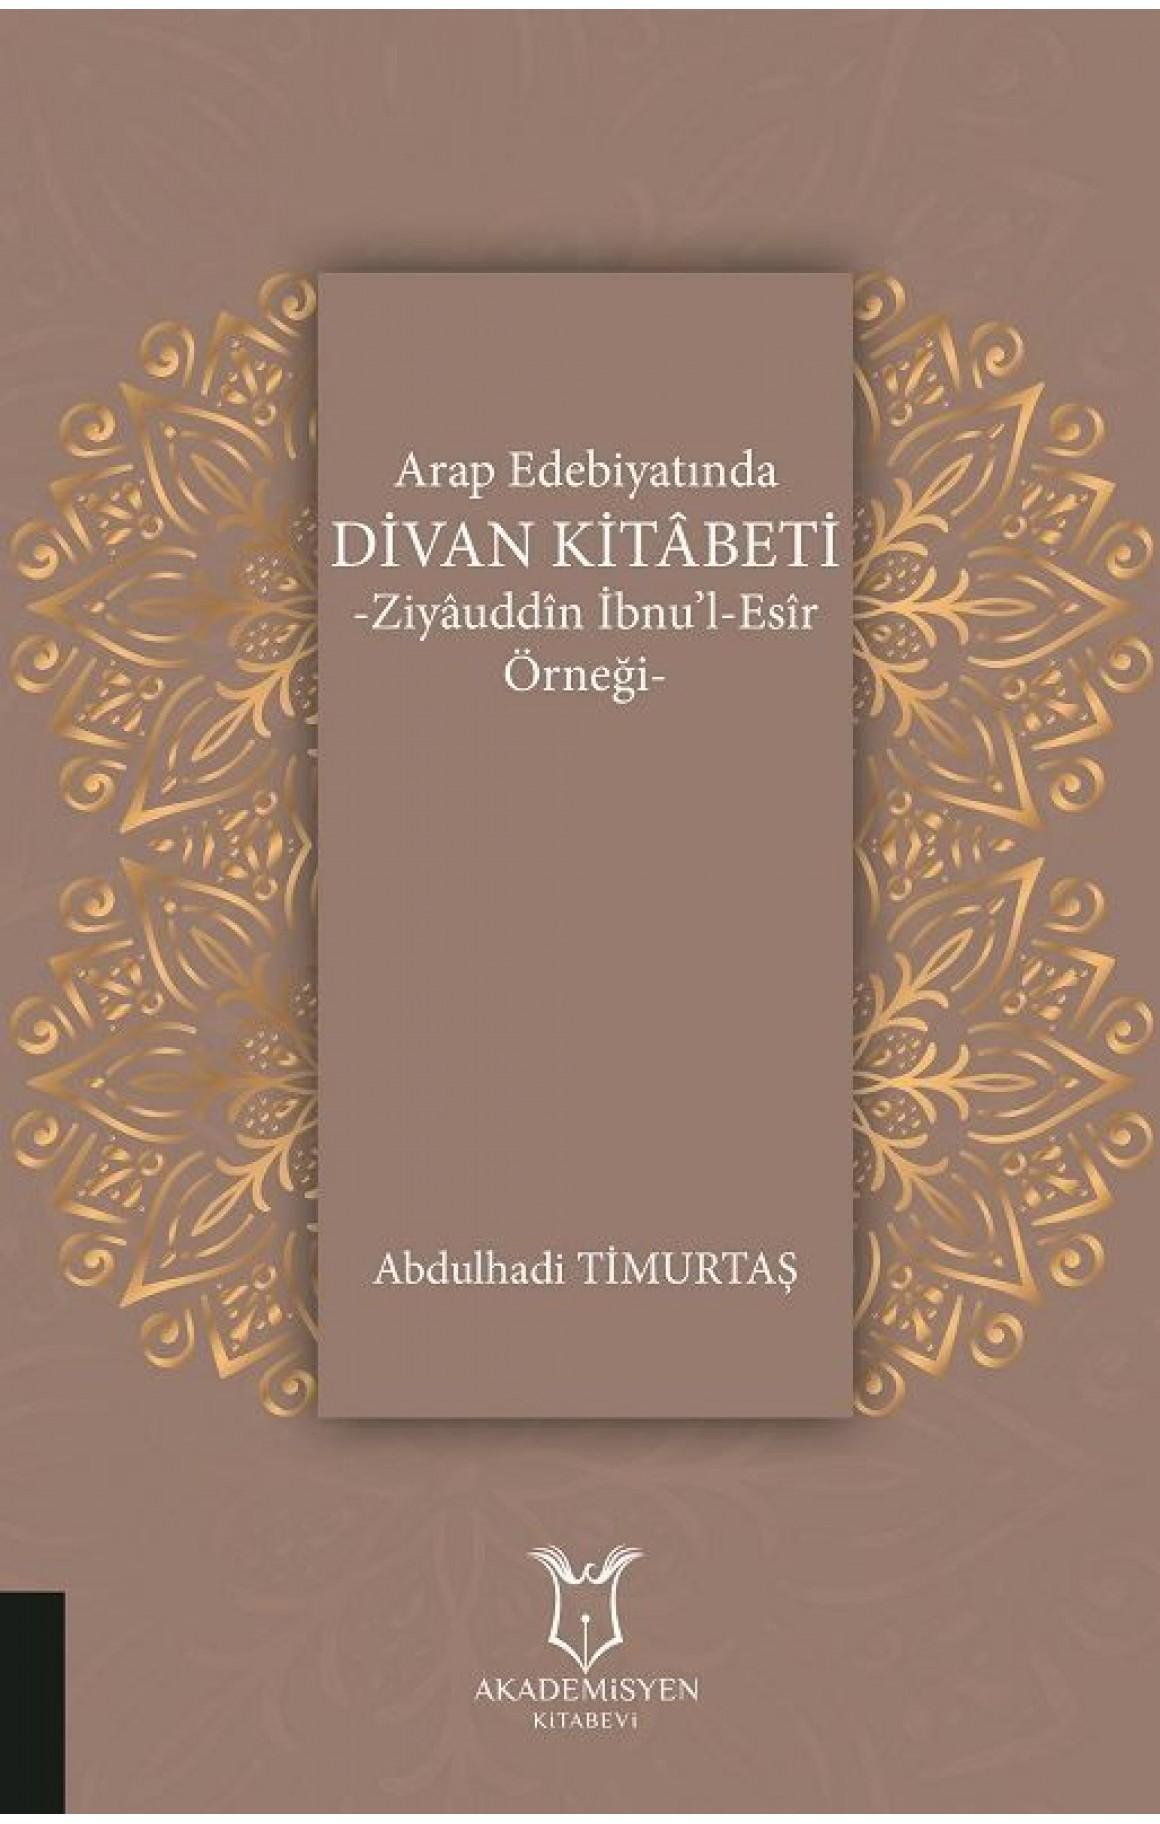 Arap Edebiyatında Divan Kitabeti Ziyauddin İbnu'l-Esir Örneği